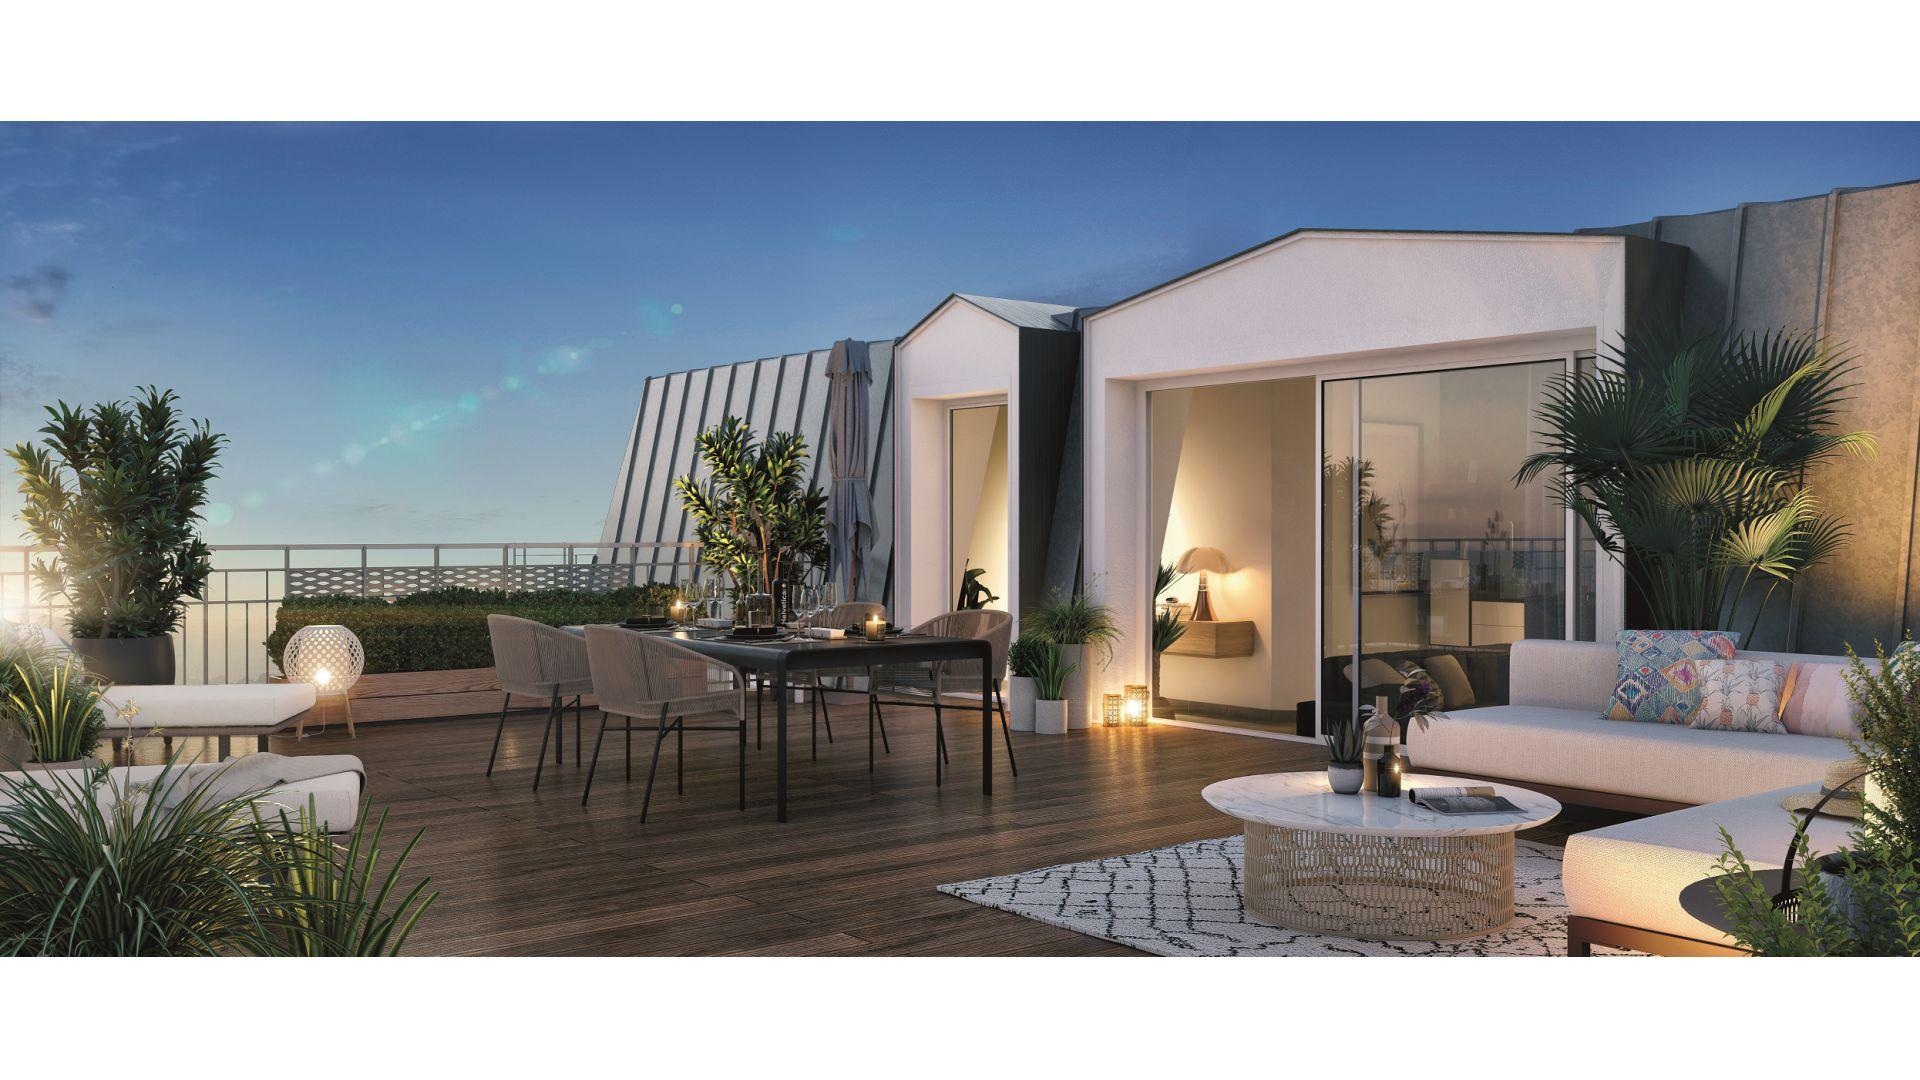 GreenCity immobilier - Savigny sur Orge - Résidence Le Clos D'Ambroise - 91600 - Appartements neufs du T1bis au T4 - vue terrasse